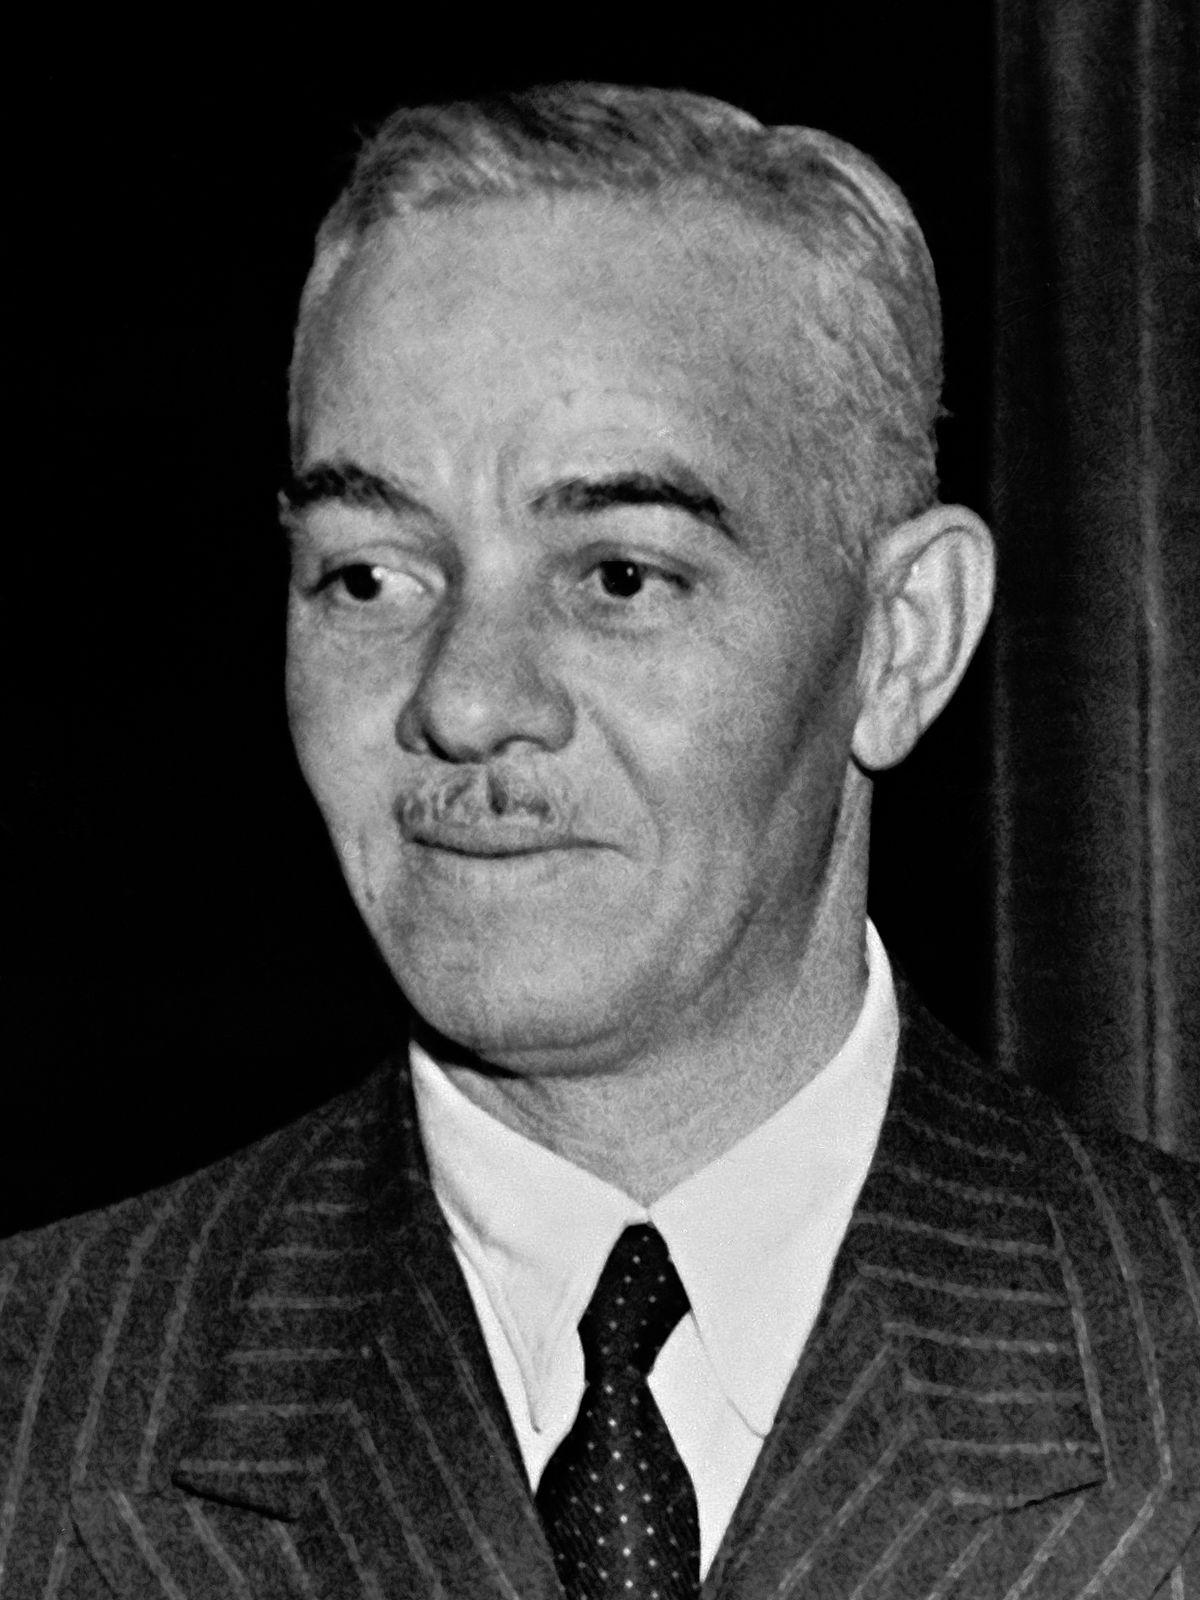 إبراهيم عبد الهادي ويكيبيديا